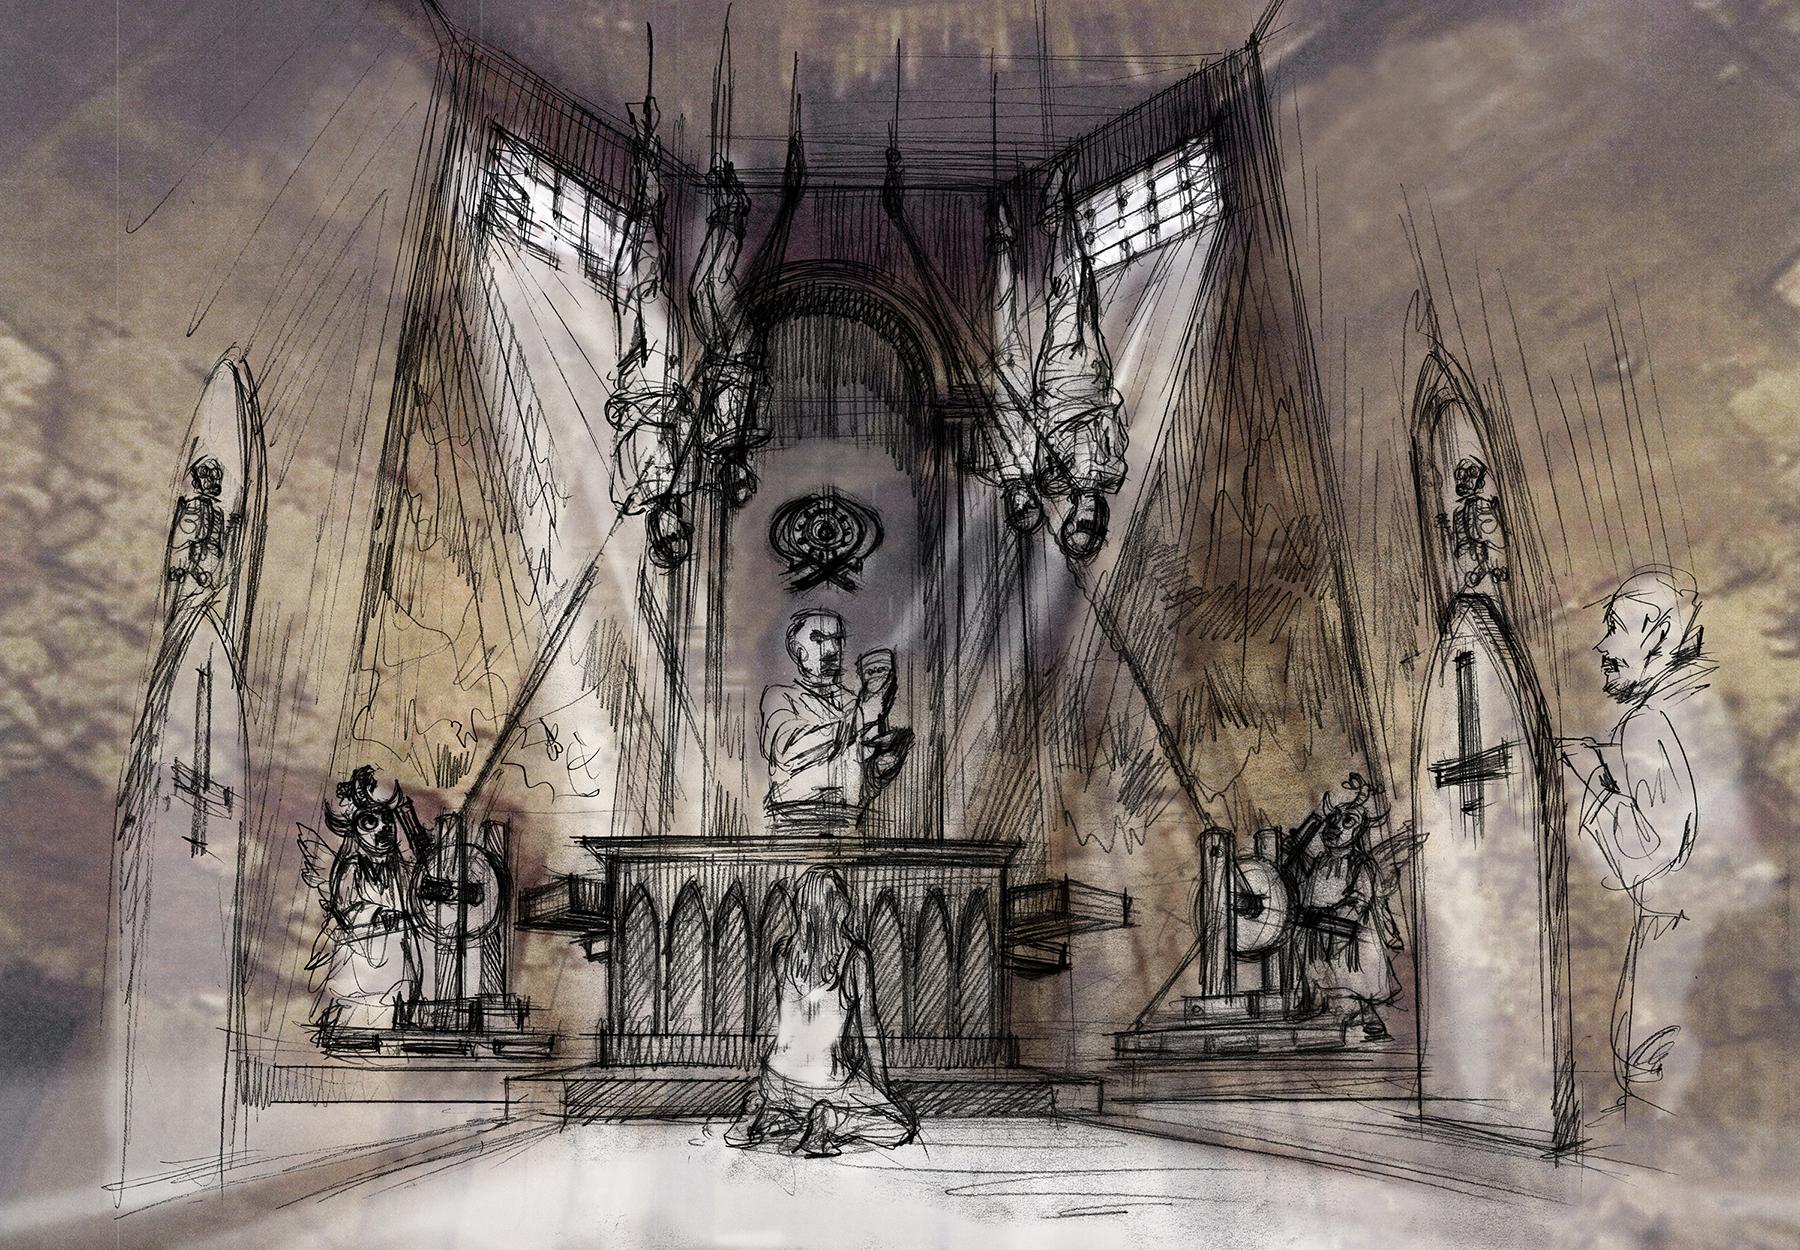 El Santo Chapel Concept Sketch